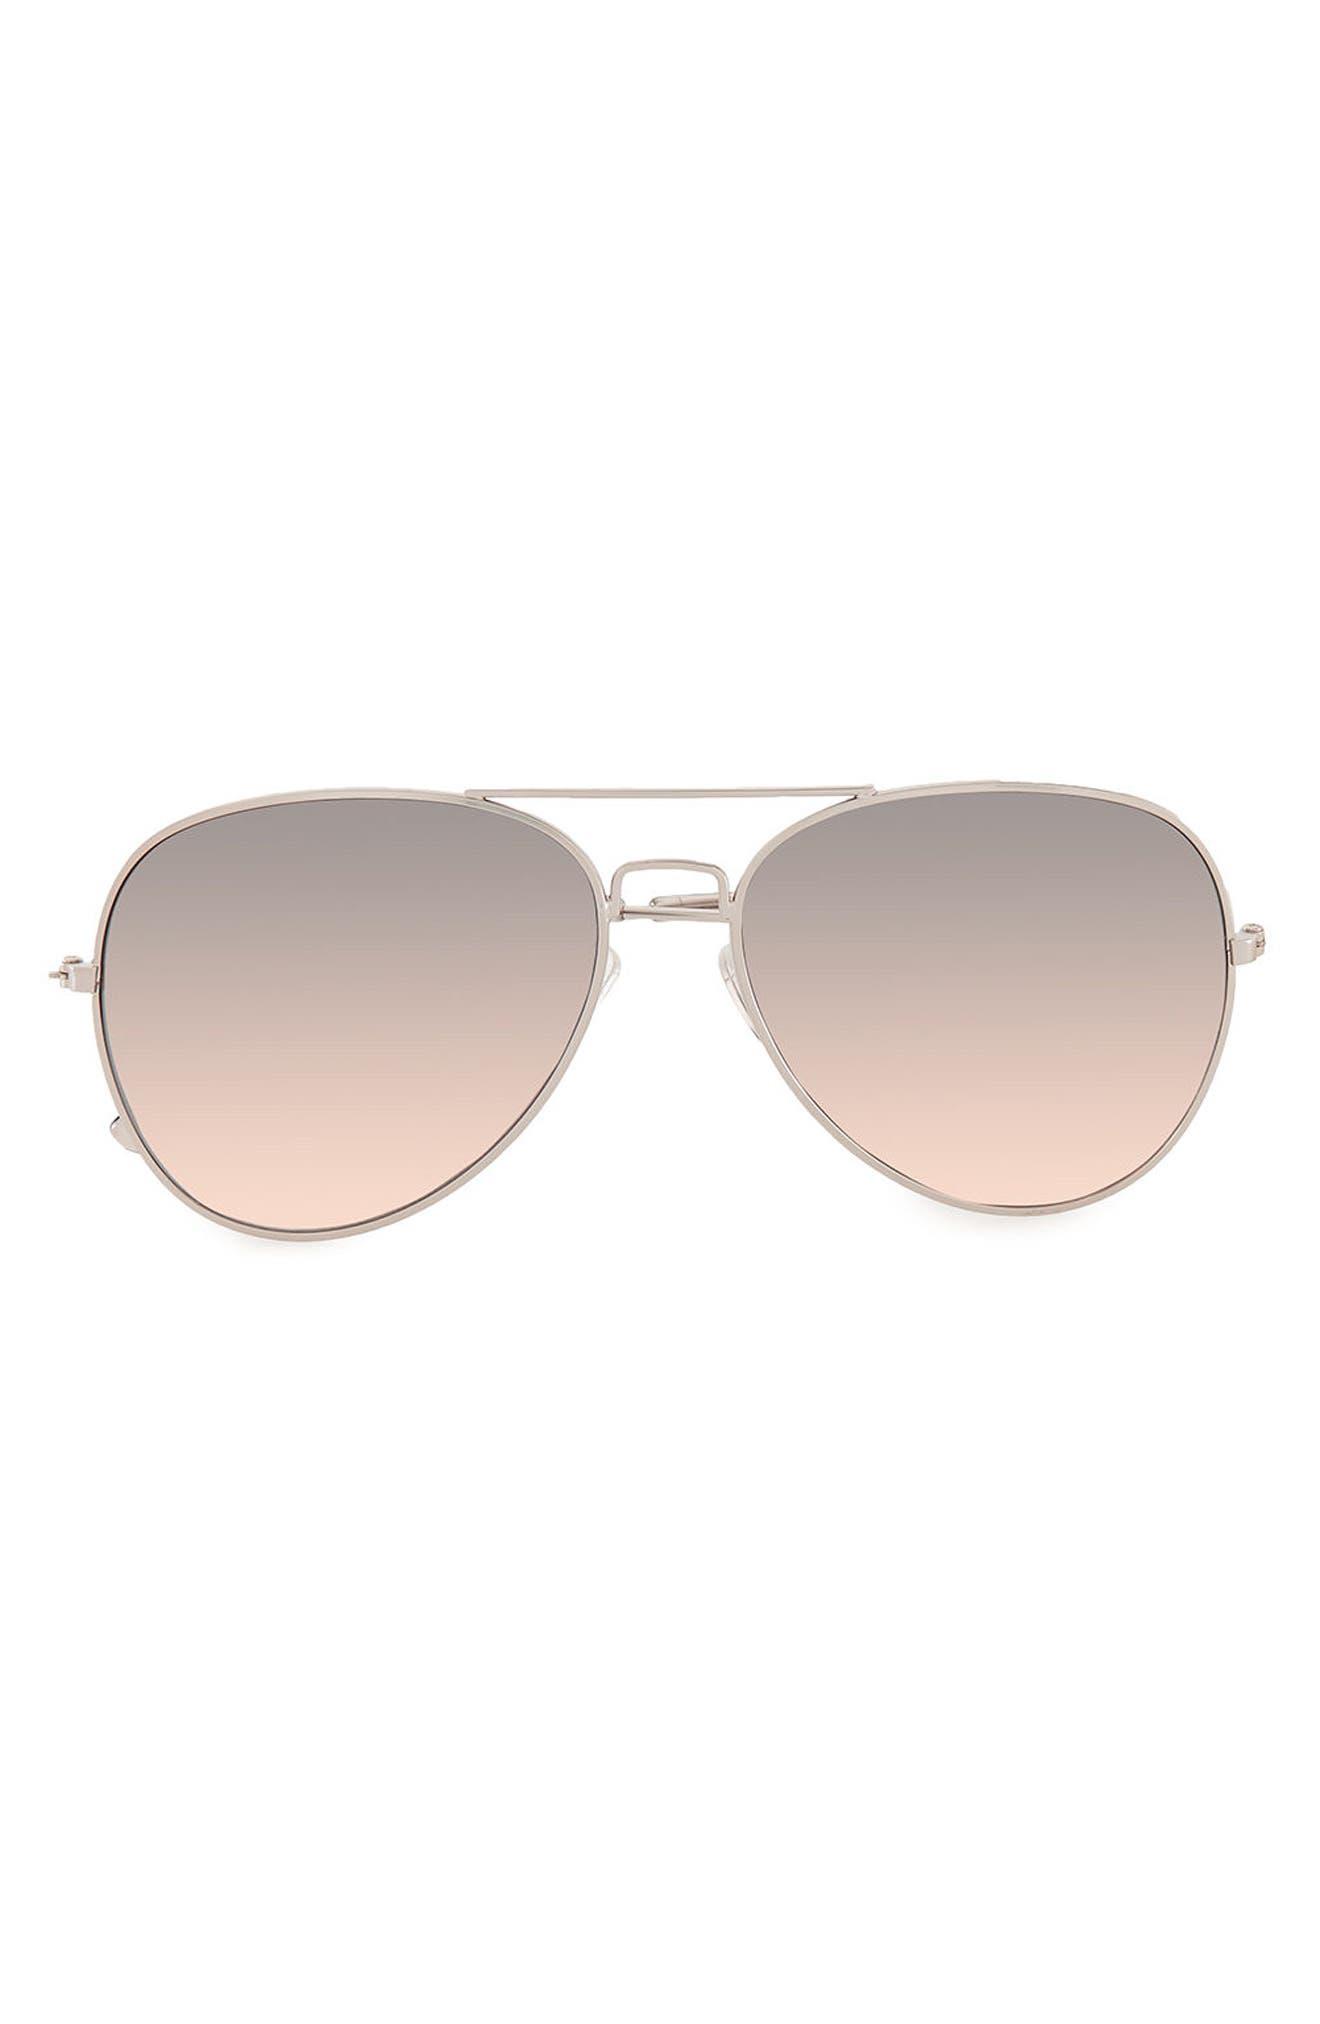 Topman 58mm Mirrored Aviator Sunglasses